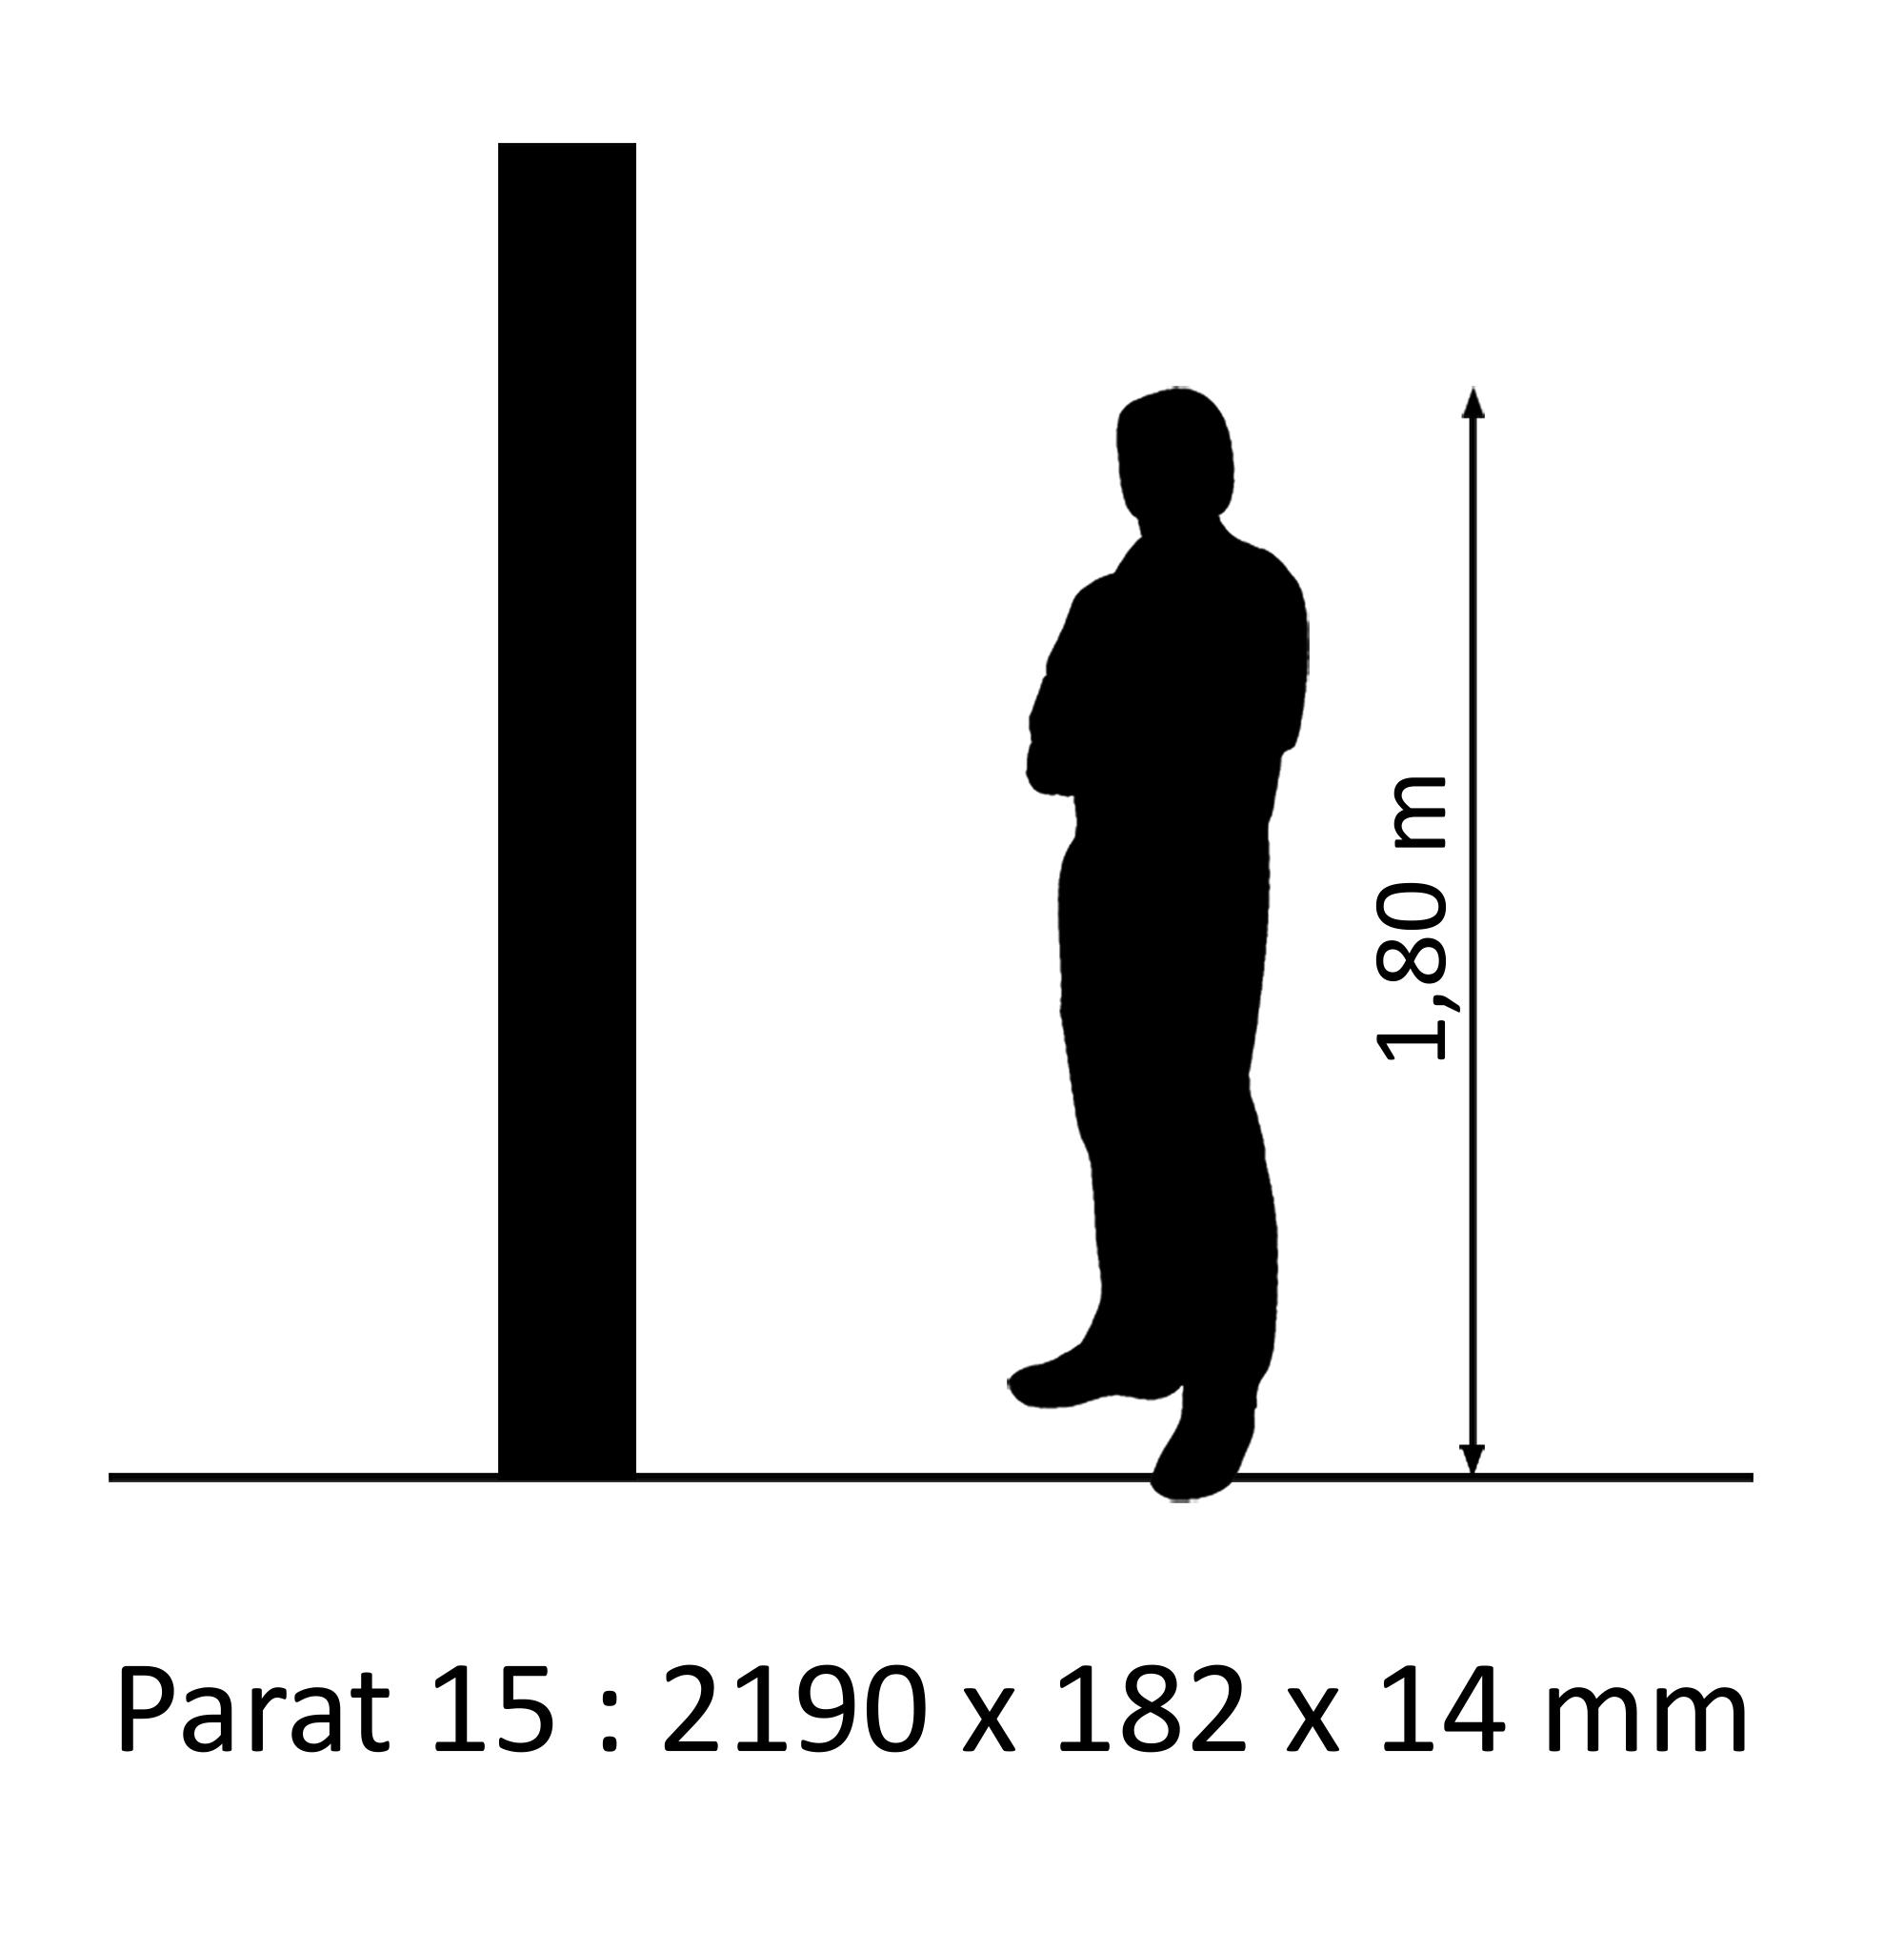 PARAT 15 Eiche Trend SB öl/wachs 14mm